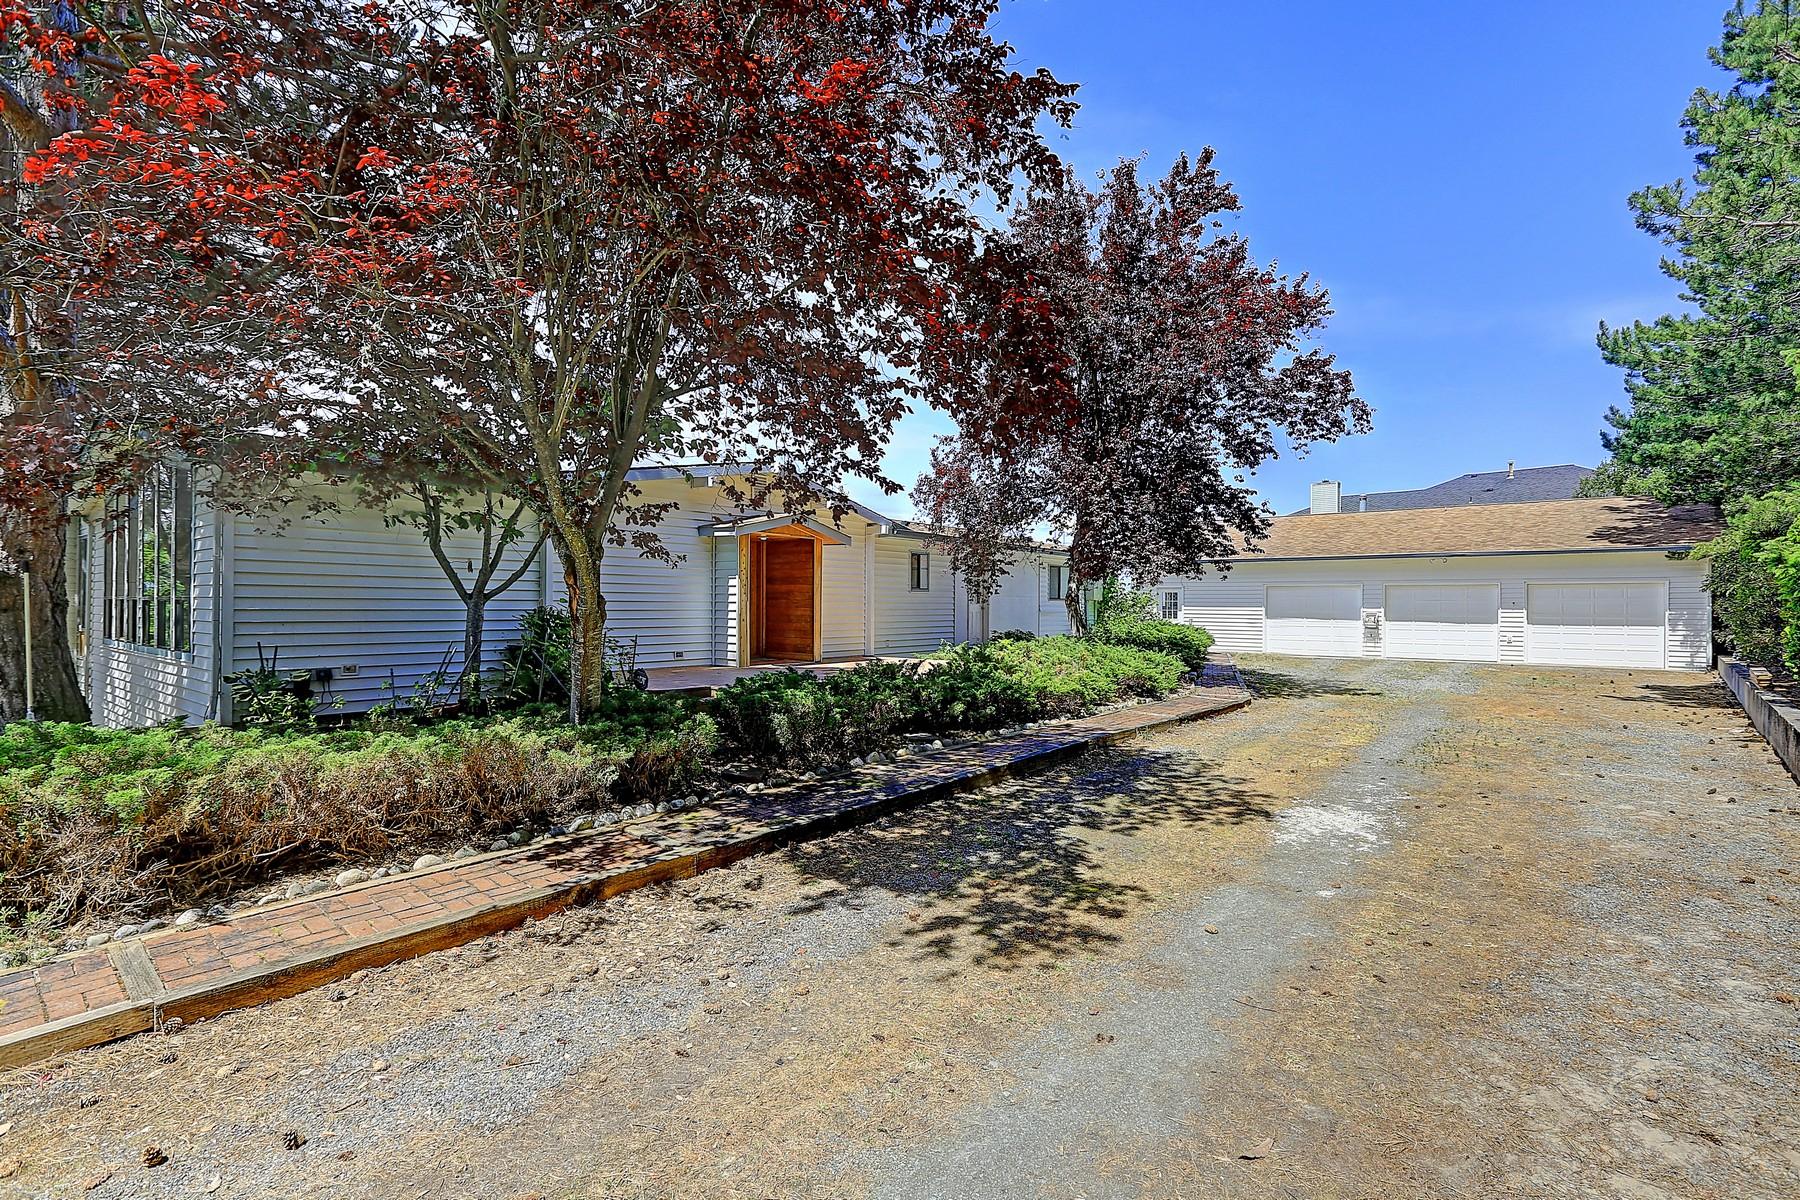 Casa para uma família para Venda às Madrona View with Acerage 180 Horizon Wy Camano Island, Washington, 98282 Estados Unidos